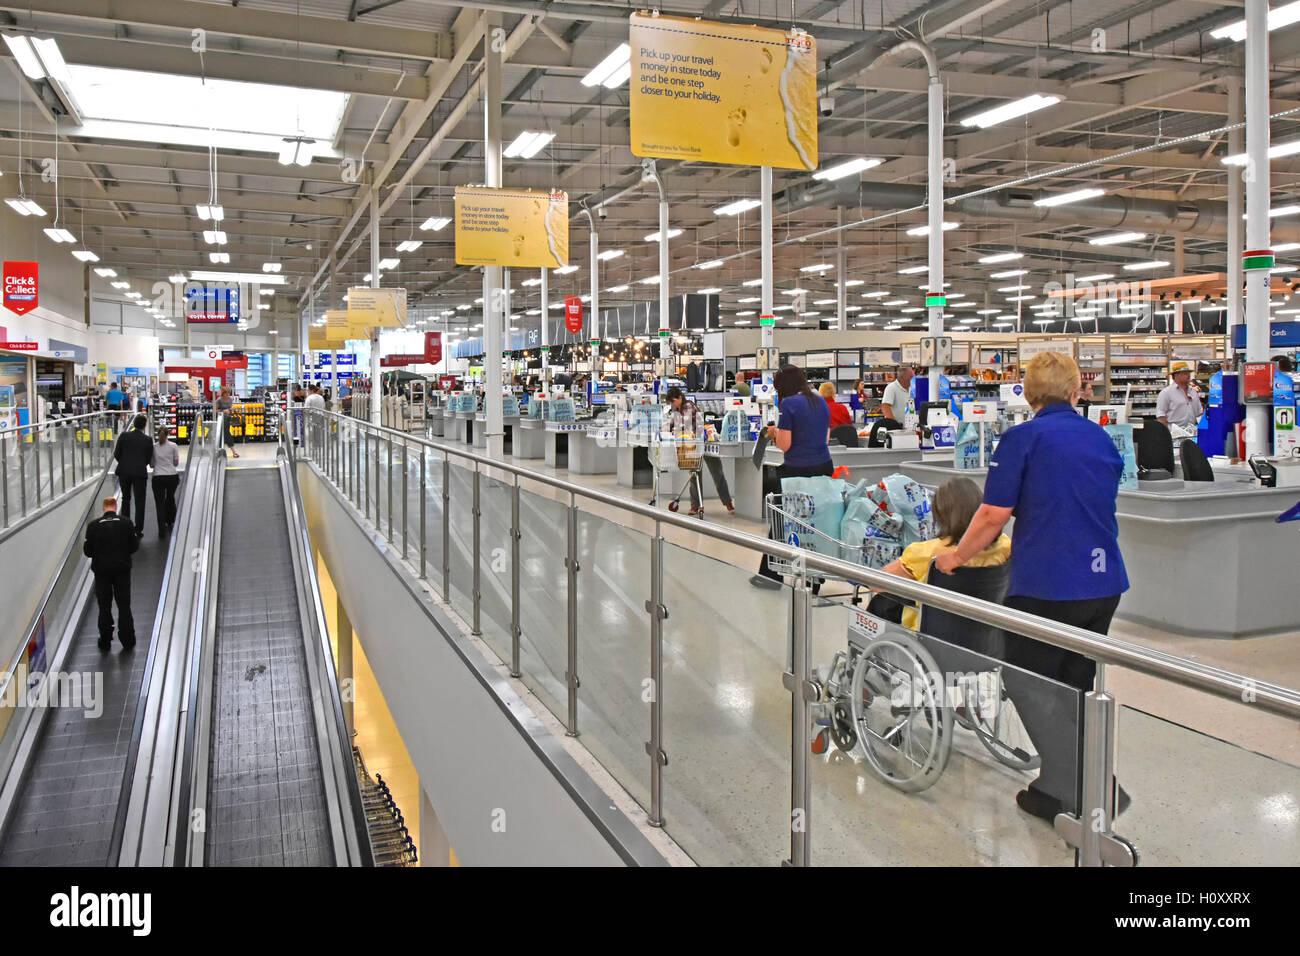 Mitarbeiter im Kundenservice Behinderung & geneigt Travellators in Tesco Supermarkt Shop shopping Stock vom Stockbild